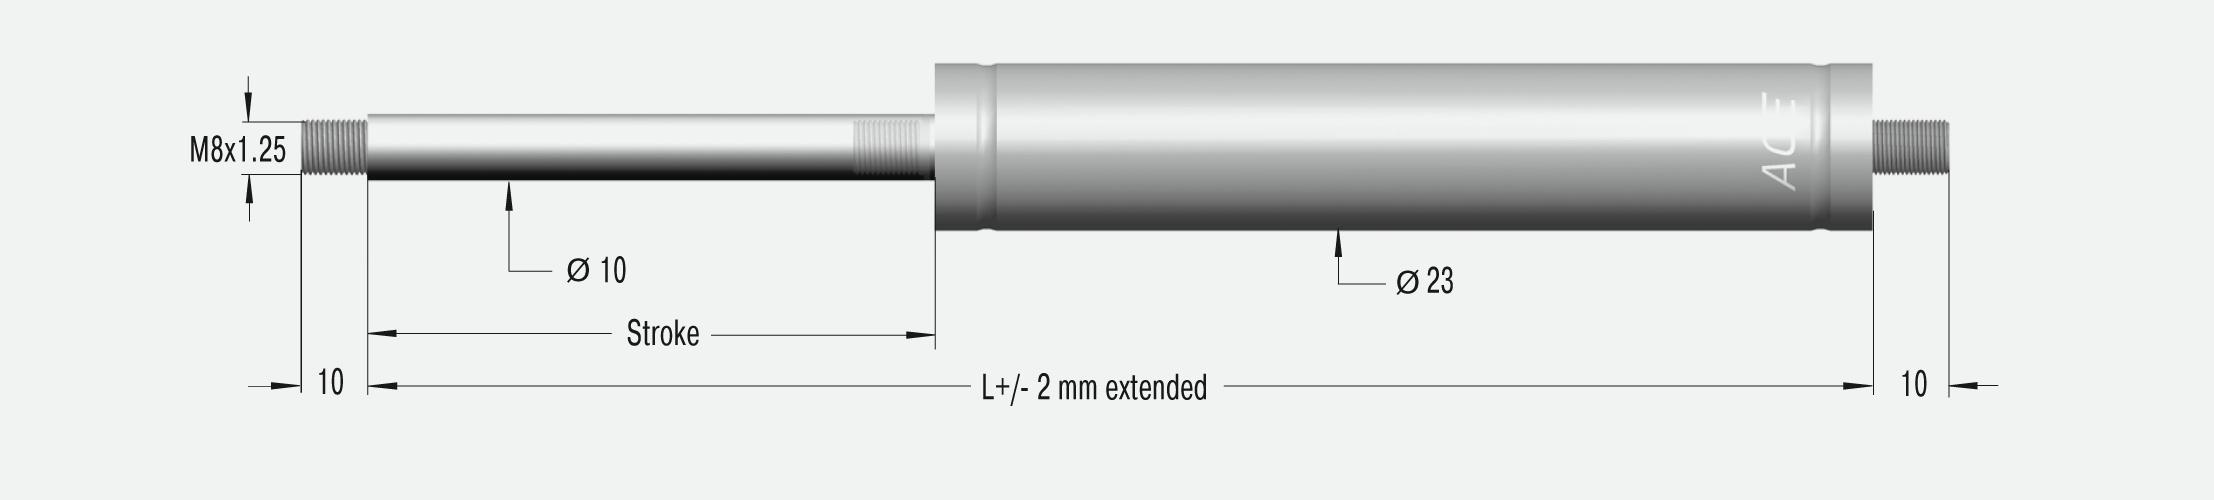 GS-22-600-VA